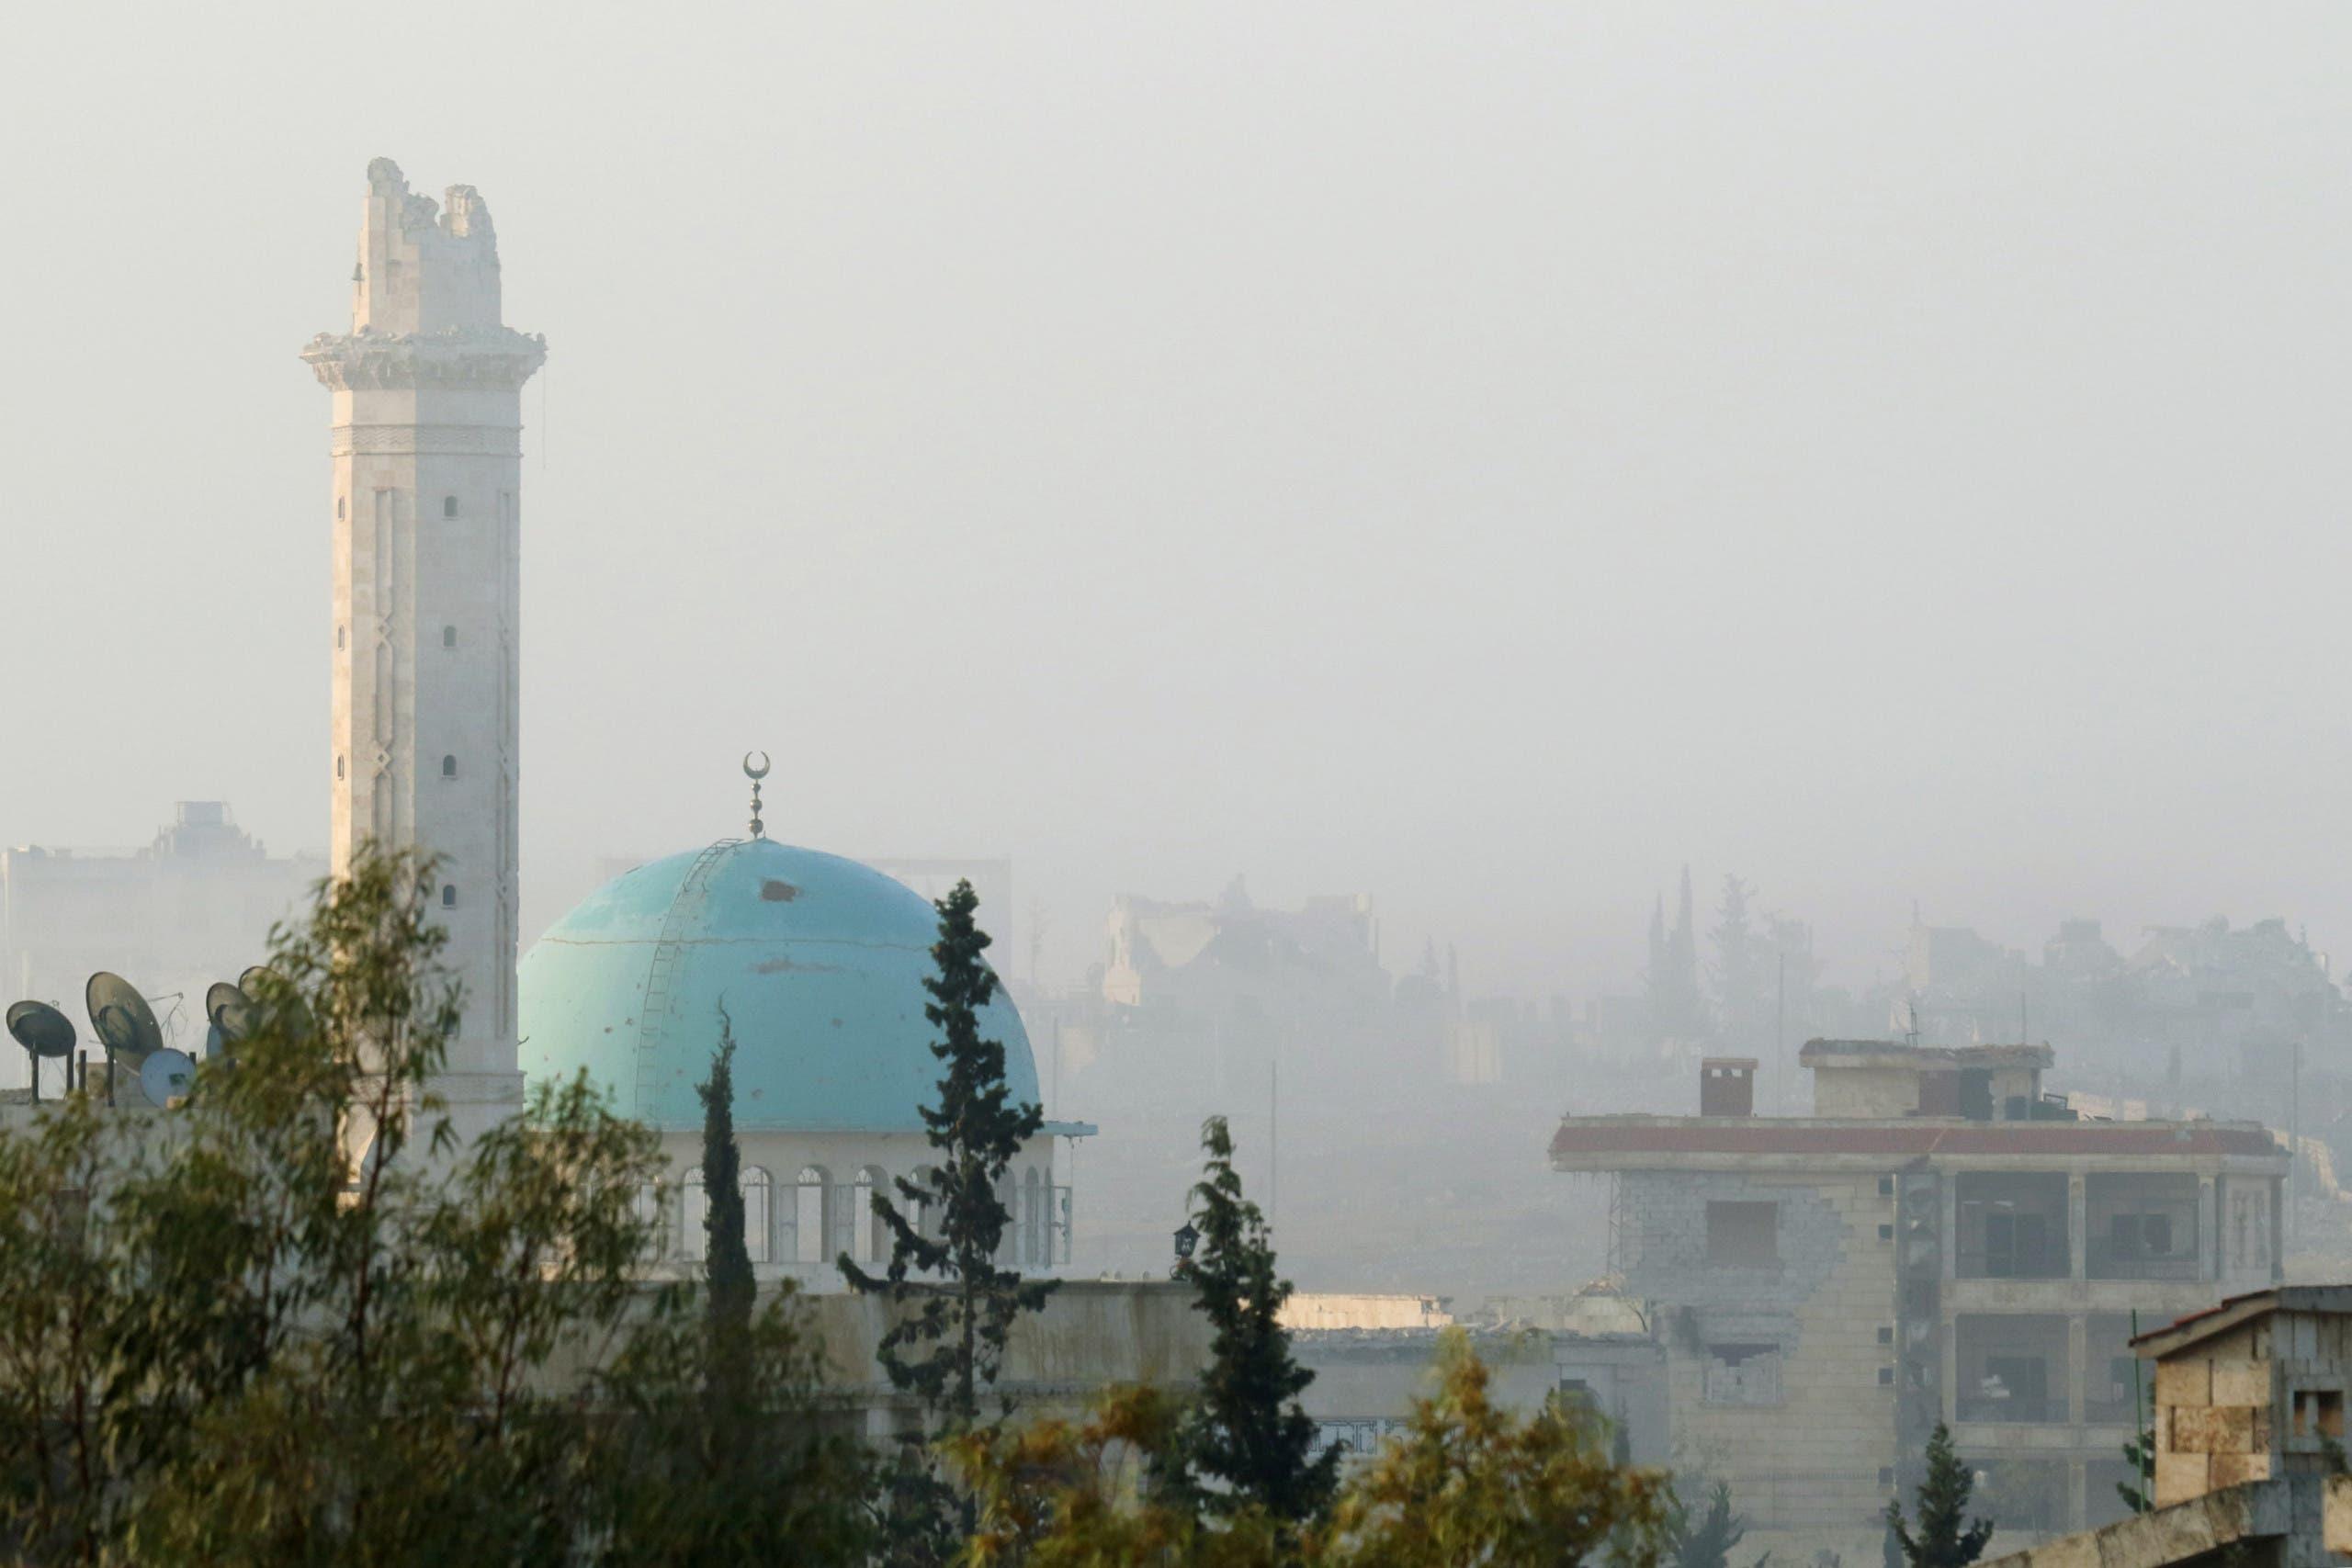 Russia accuses rebels in Aleppo of killing civilians